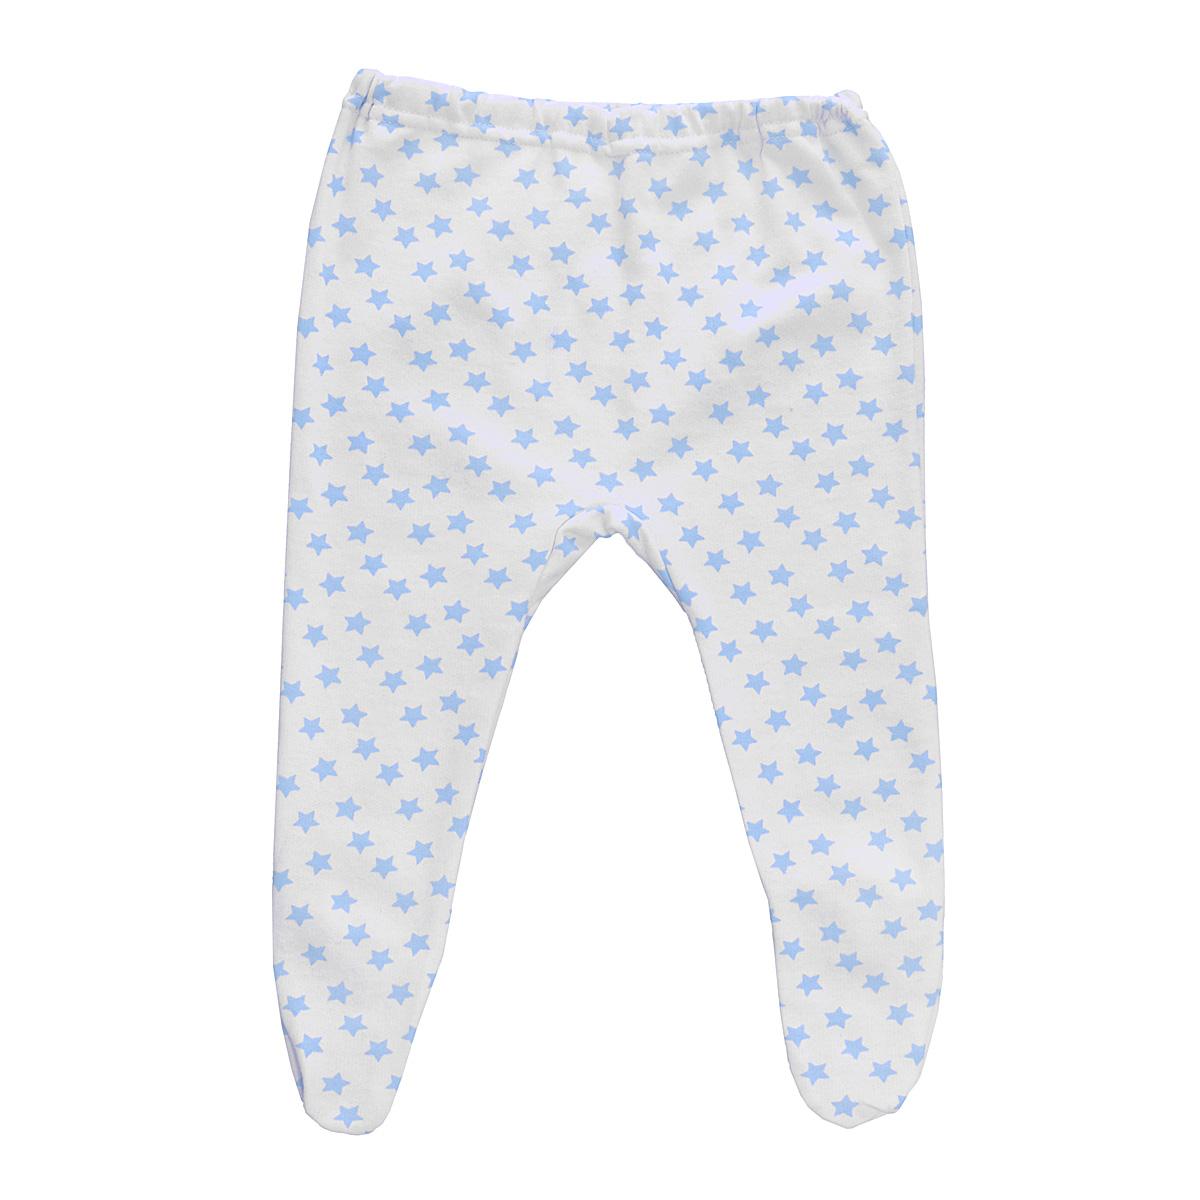 Ползунки Трон-Плюс, цвет: белый, голубой, рисунок звезды. 5256. Размер 68, 6 месяцев5256Ползунки для новорожденного Трон-Плюс послужат идеальным дополнением к гардеробу вашего ребенка, обеспечивая ему наибольший комфорт.Модель, изготовленная из футерованного полотна - натурального хлопка, необычайно мягкая и легкая, не раздражает нежную кожу ребенка и хорошо вентилируется, а эластичные швы приятны телу малыша и не препятствуют его движениям. Теплые ползунки с закрытыми ножками благодаря мягкому эластичному поясу не сдавливают животик младенца и не сползают, идеально подходят для ношения с подгузником. Они полностью соответствуют особенностям жизни ребенка в ранний период, не стесняя и не ограничивая его в движениях.